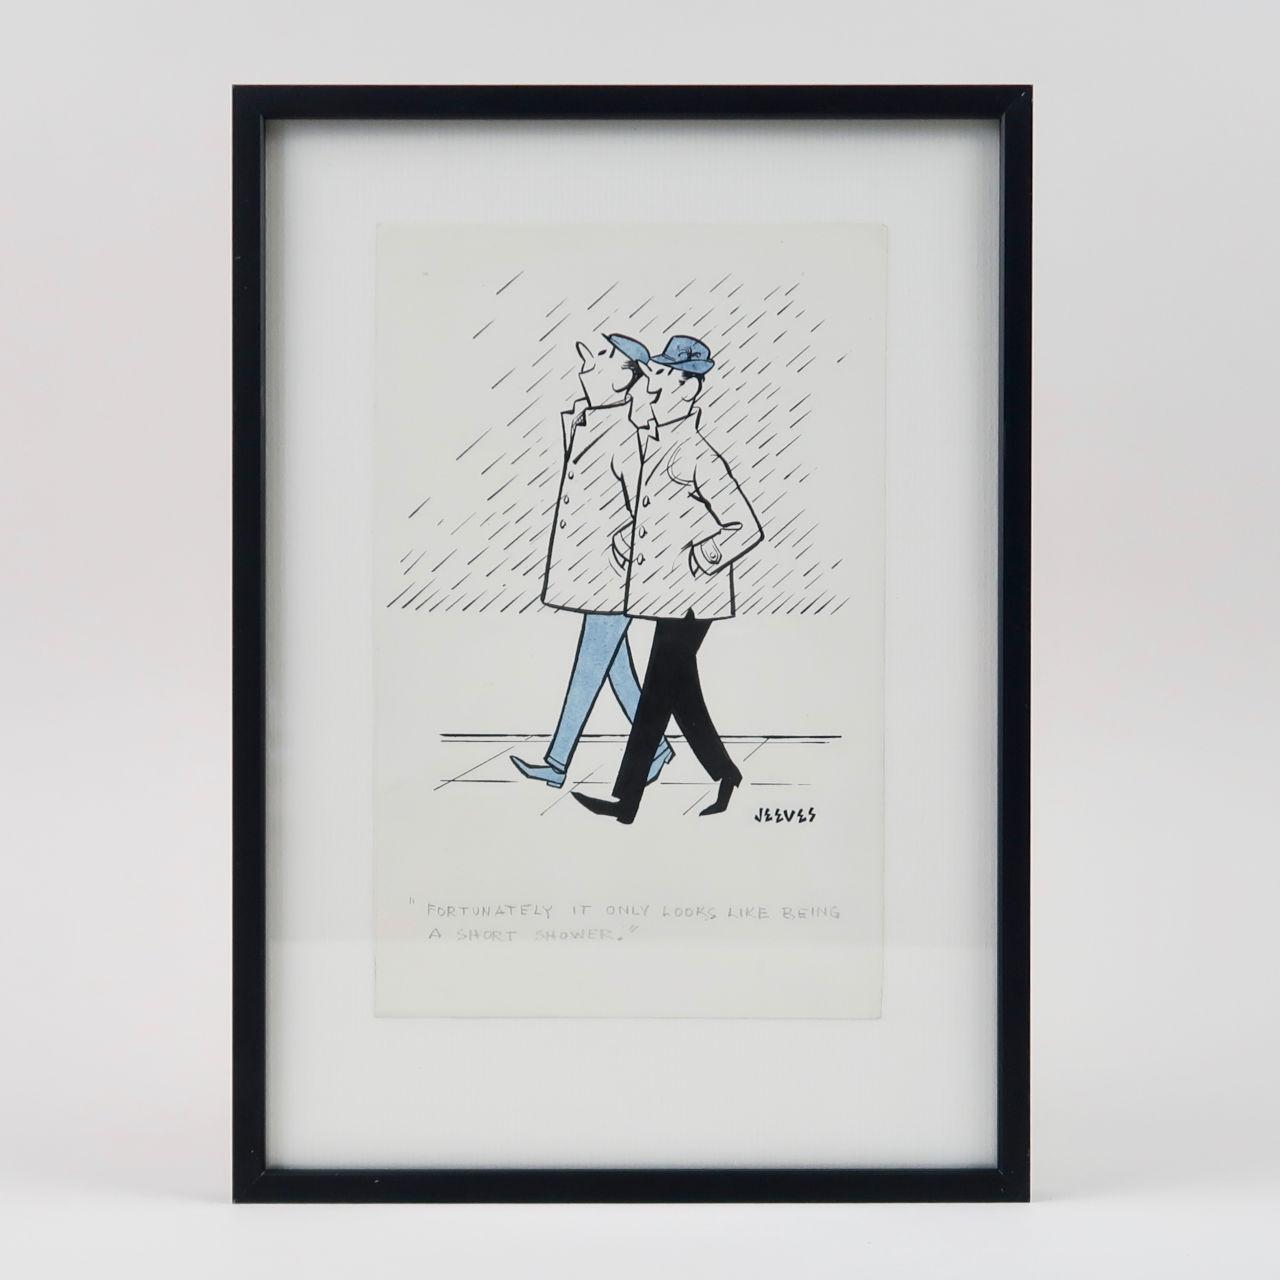 Framed Jeeves Cartoon - Short Shower